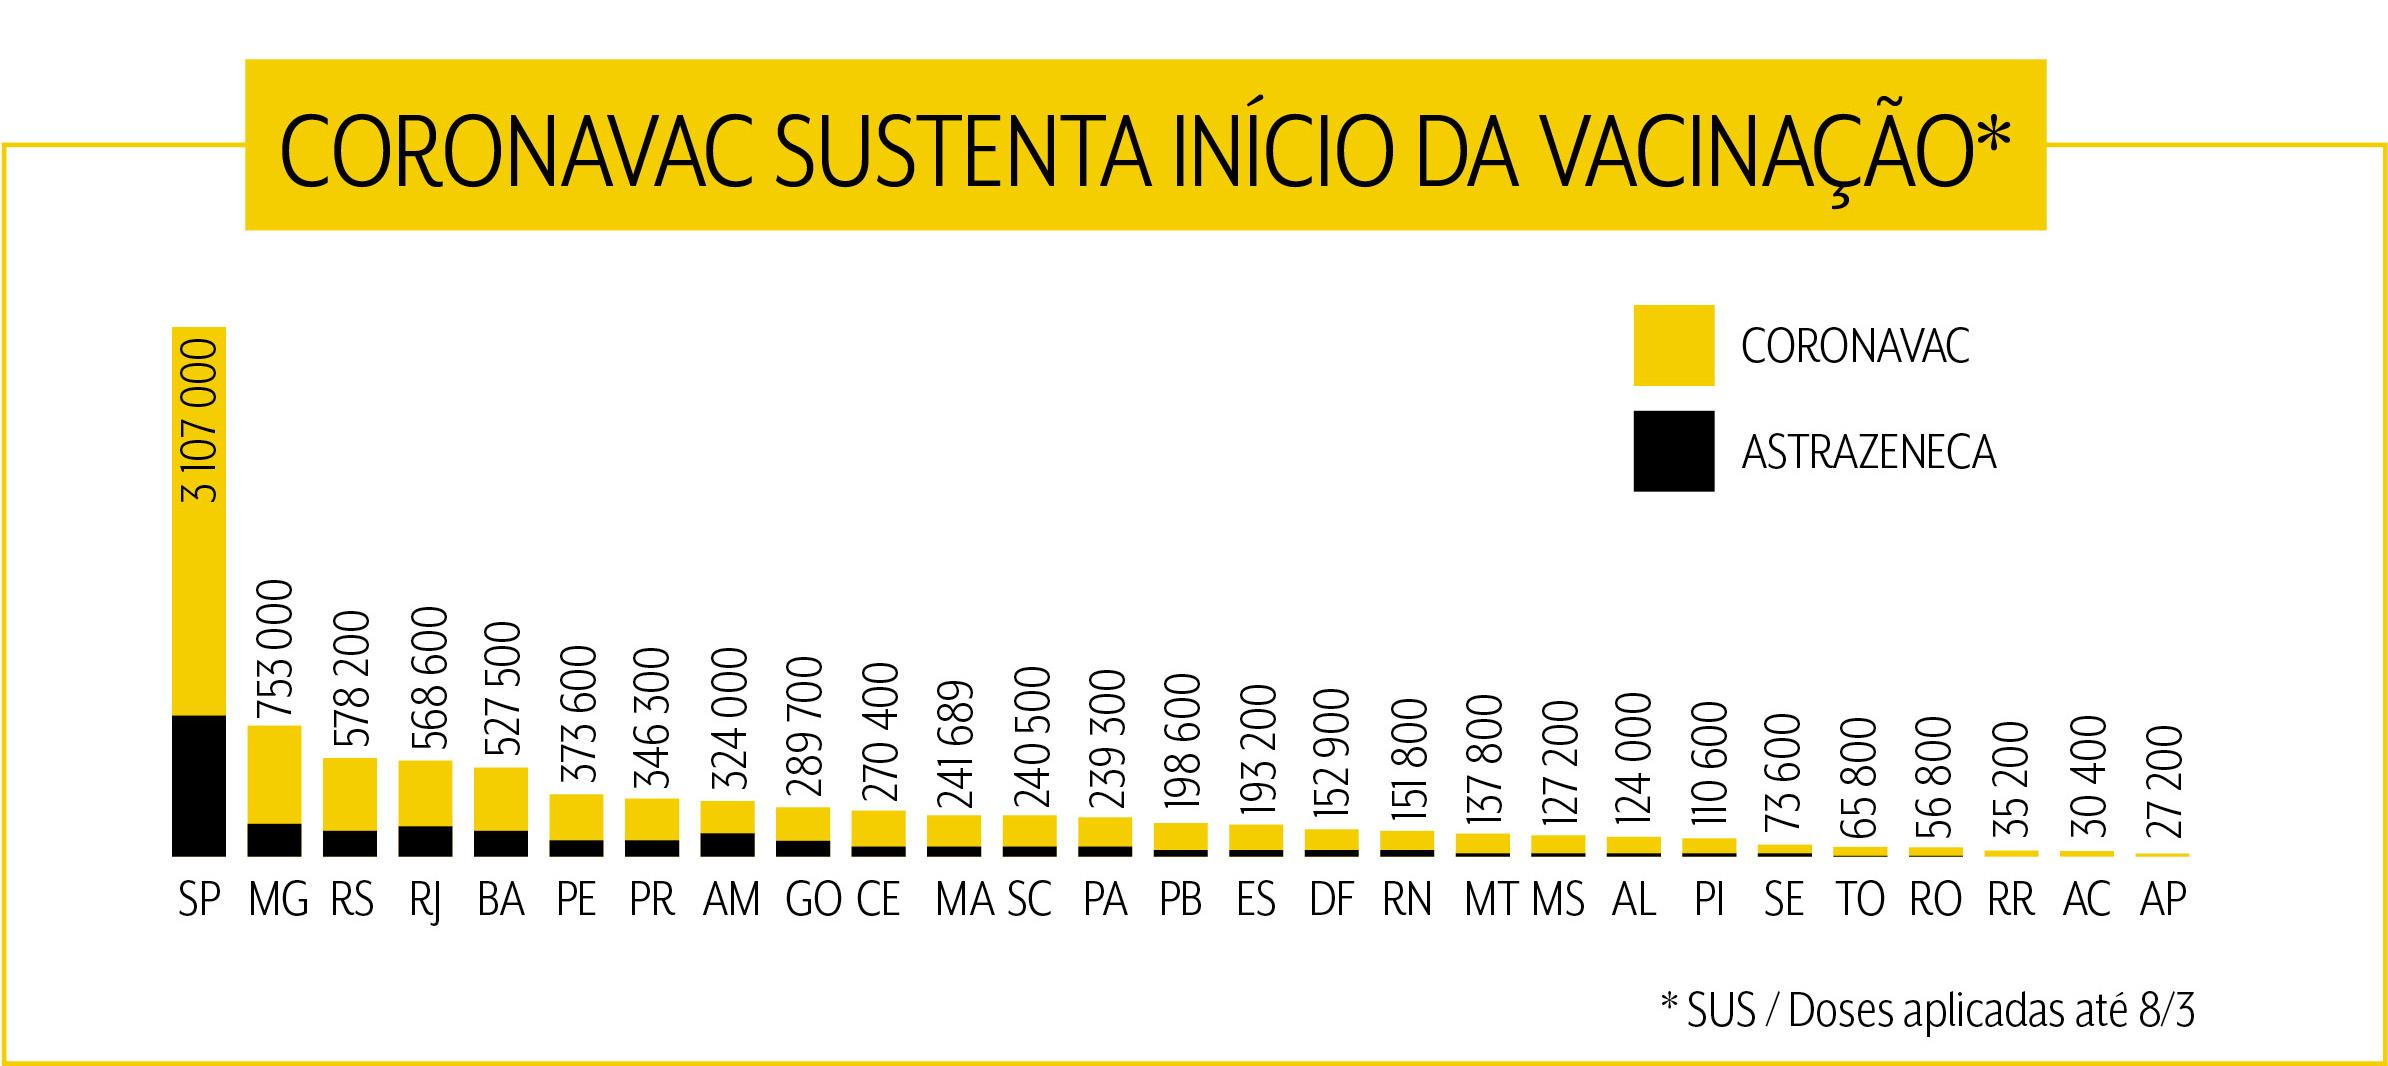 Gráfico com a quantidade de cada vacina usada por estado, com a CoronaVac sendo maioria em todos